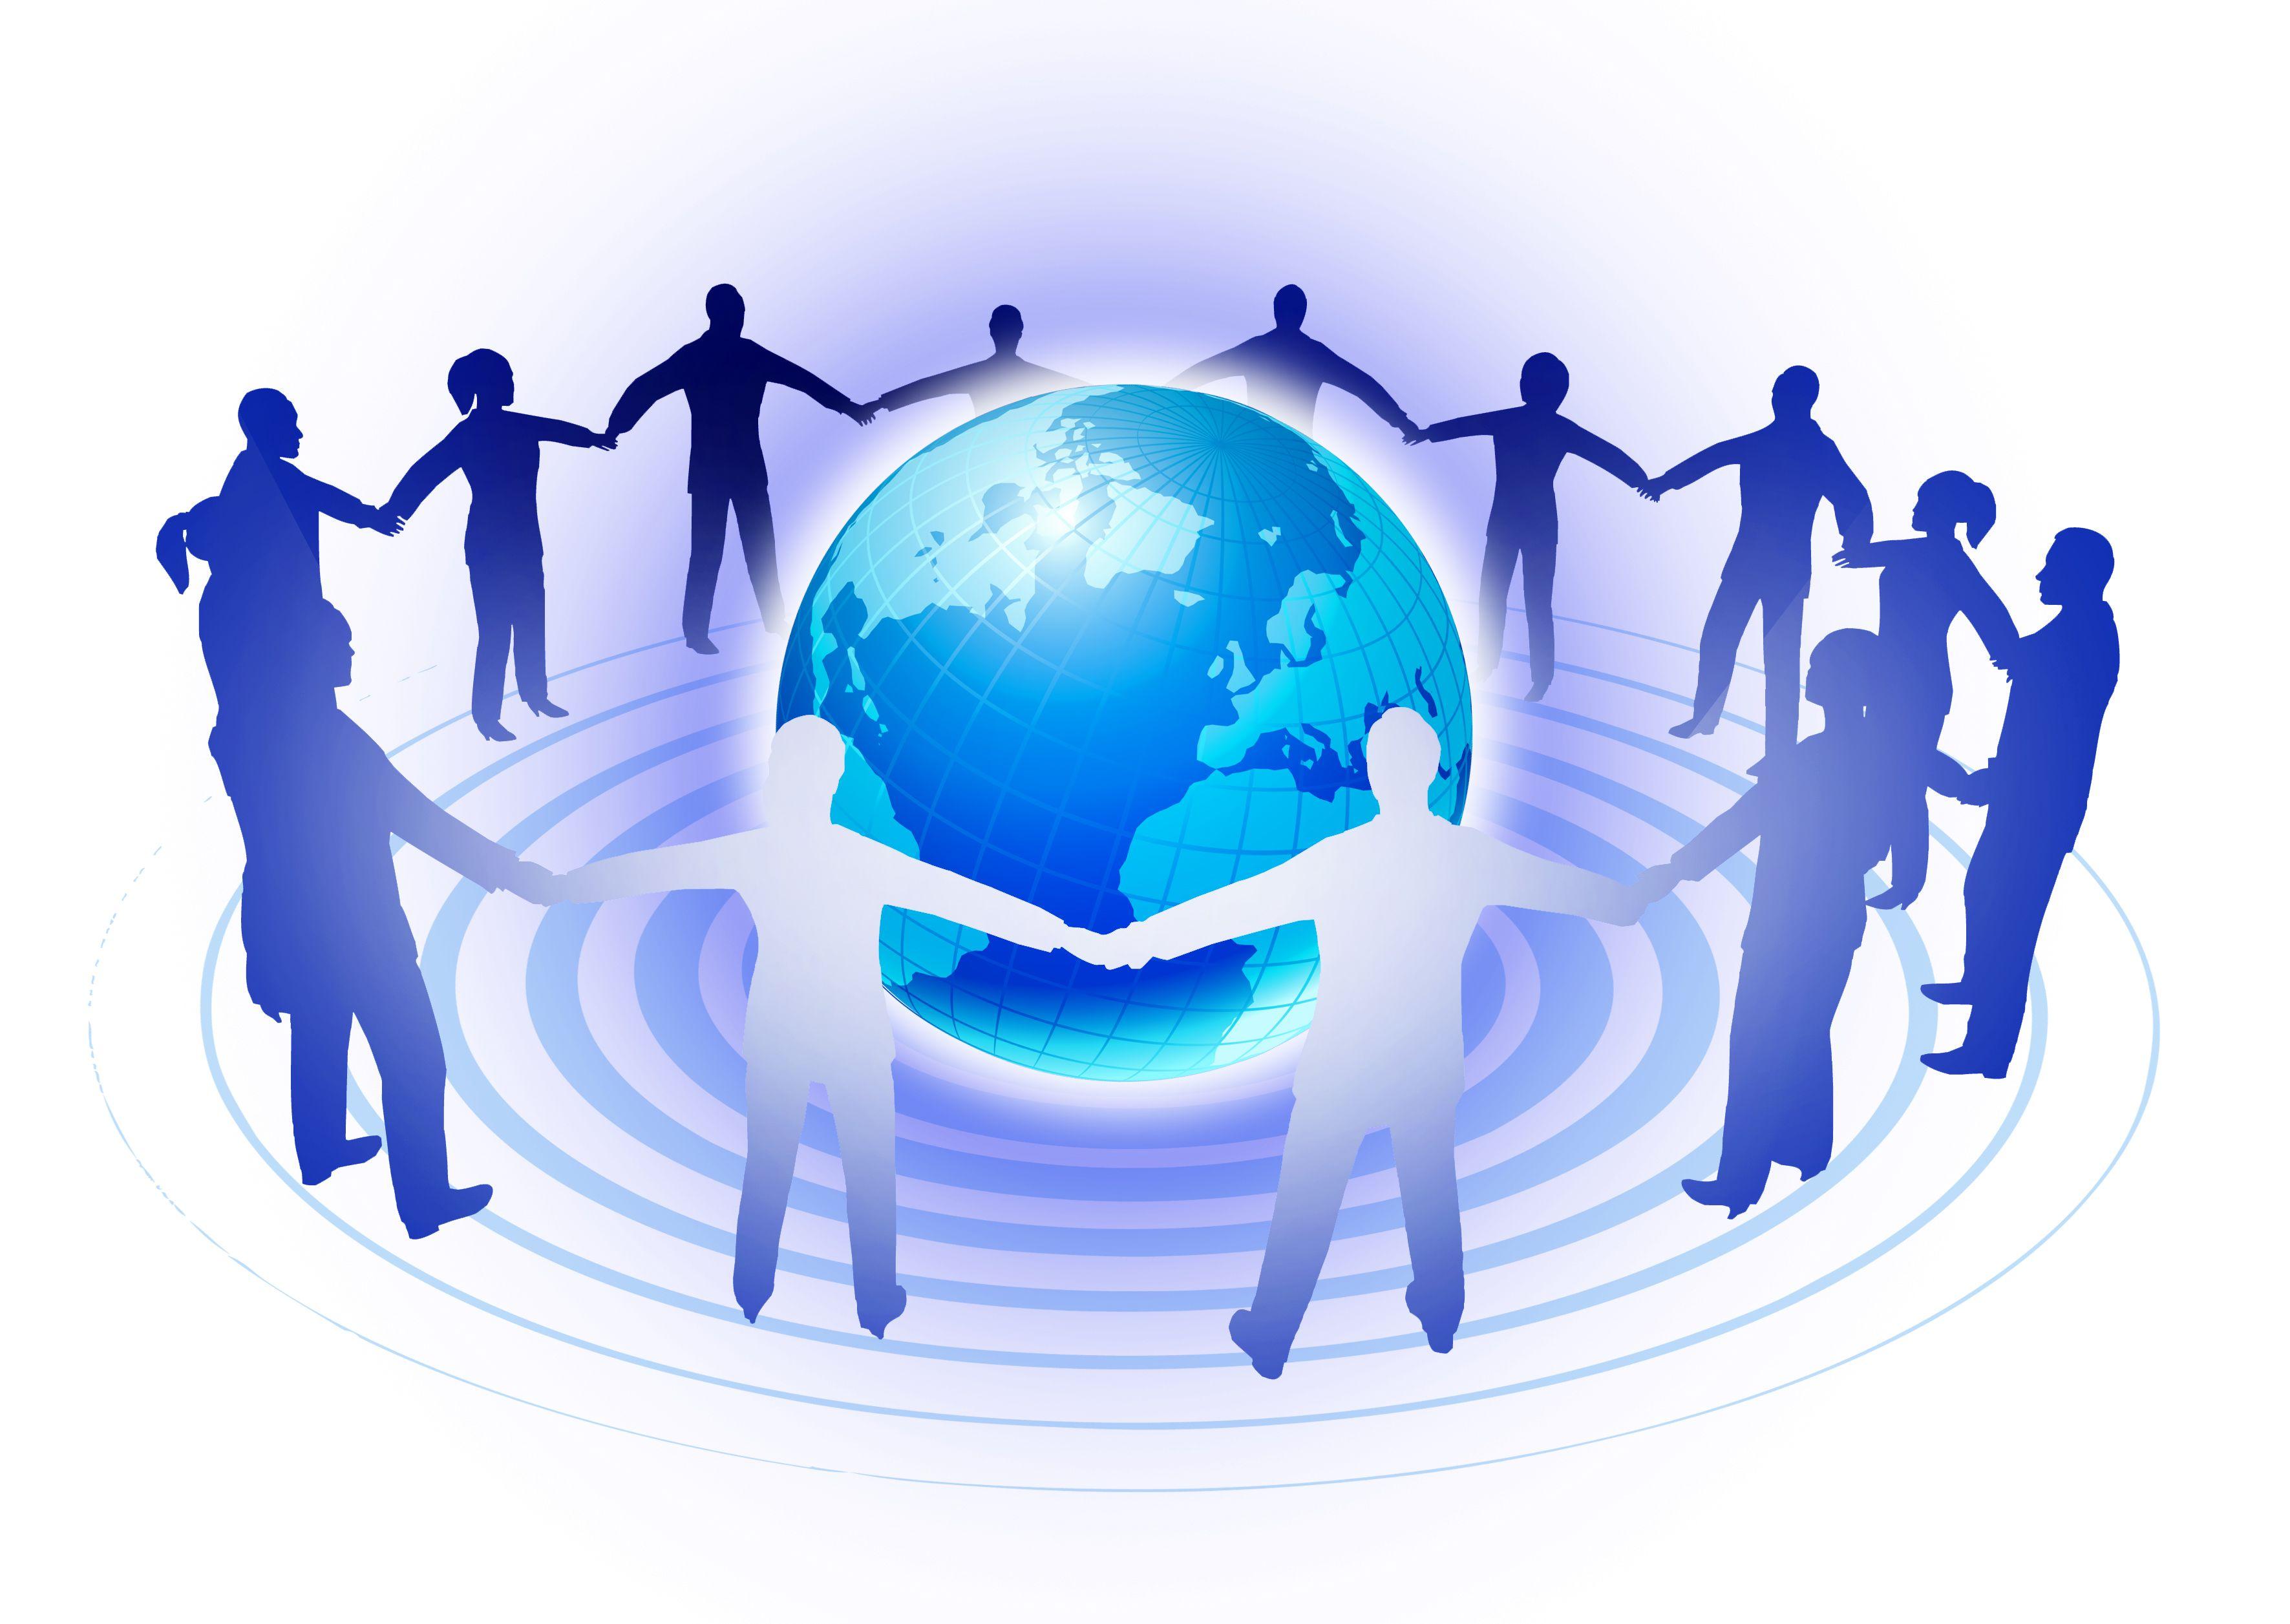 Redes sociales: ¿Debe permitirse su uso entre los empleados de una empresa?